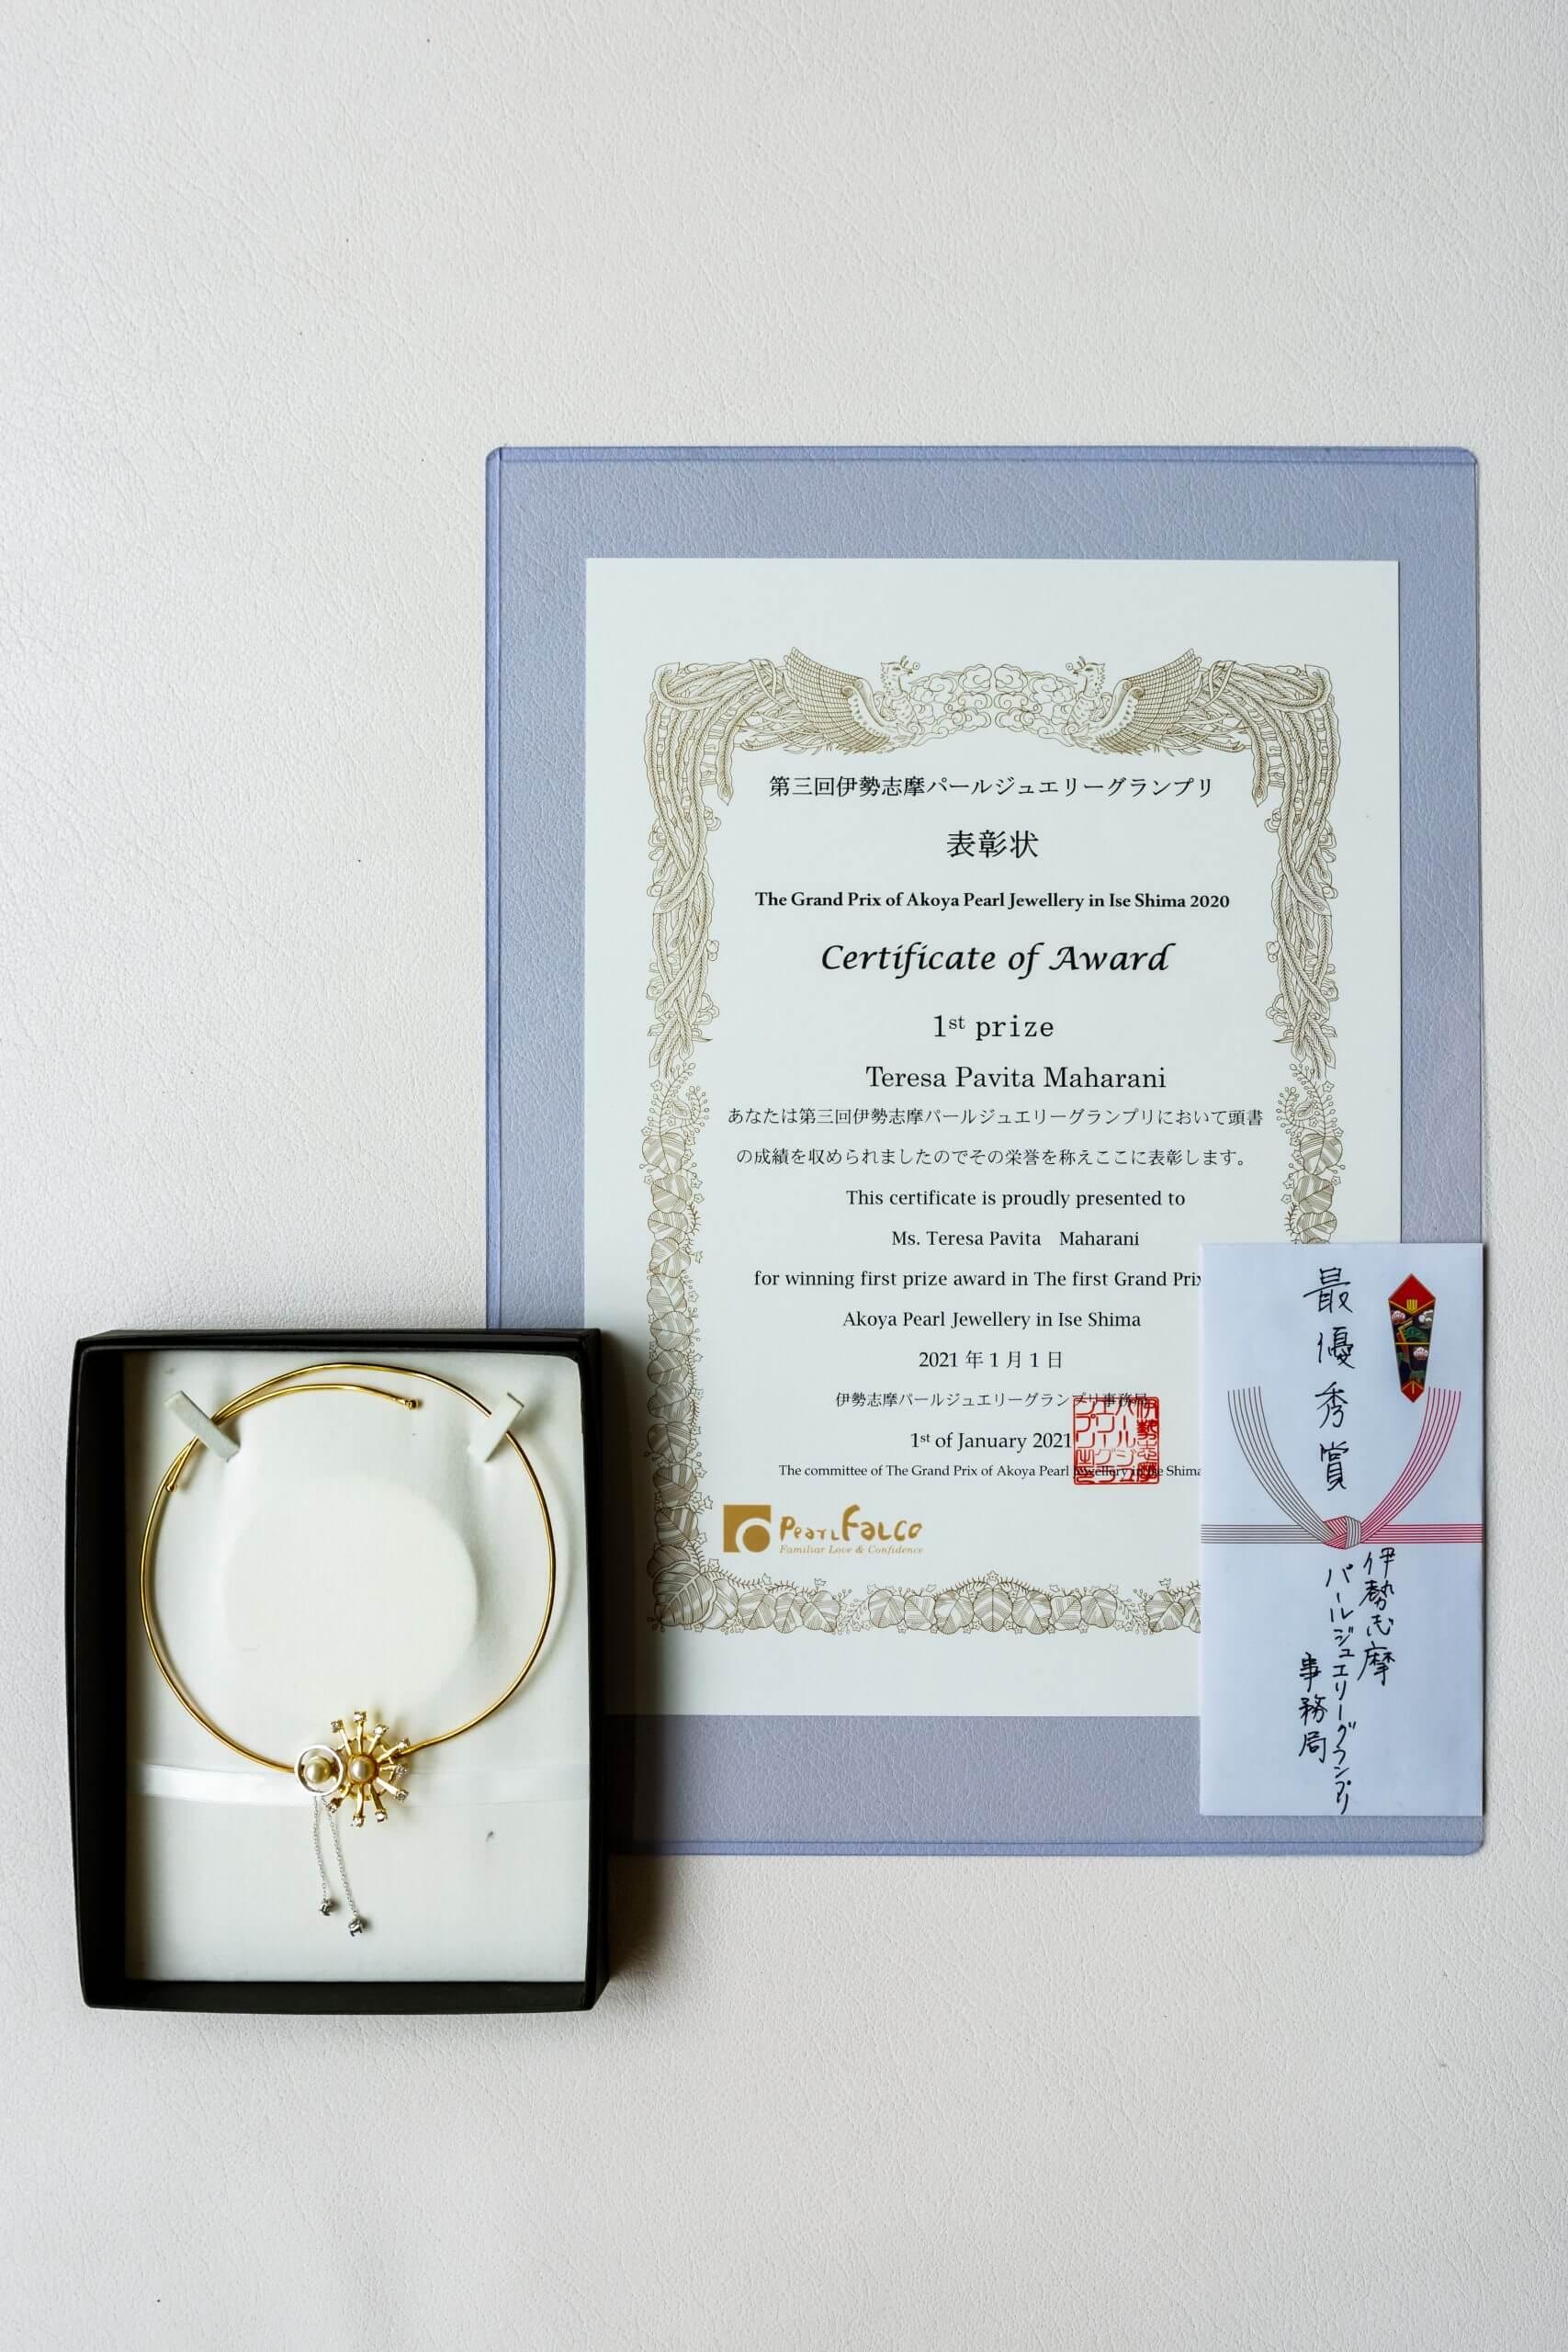 award certificate for winner teresa